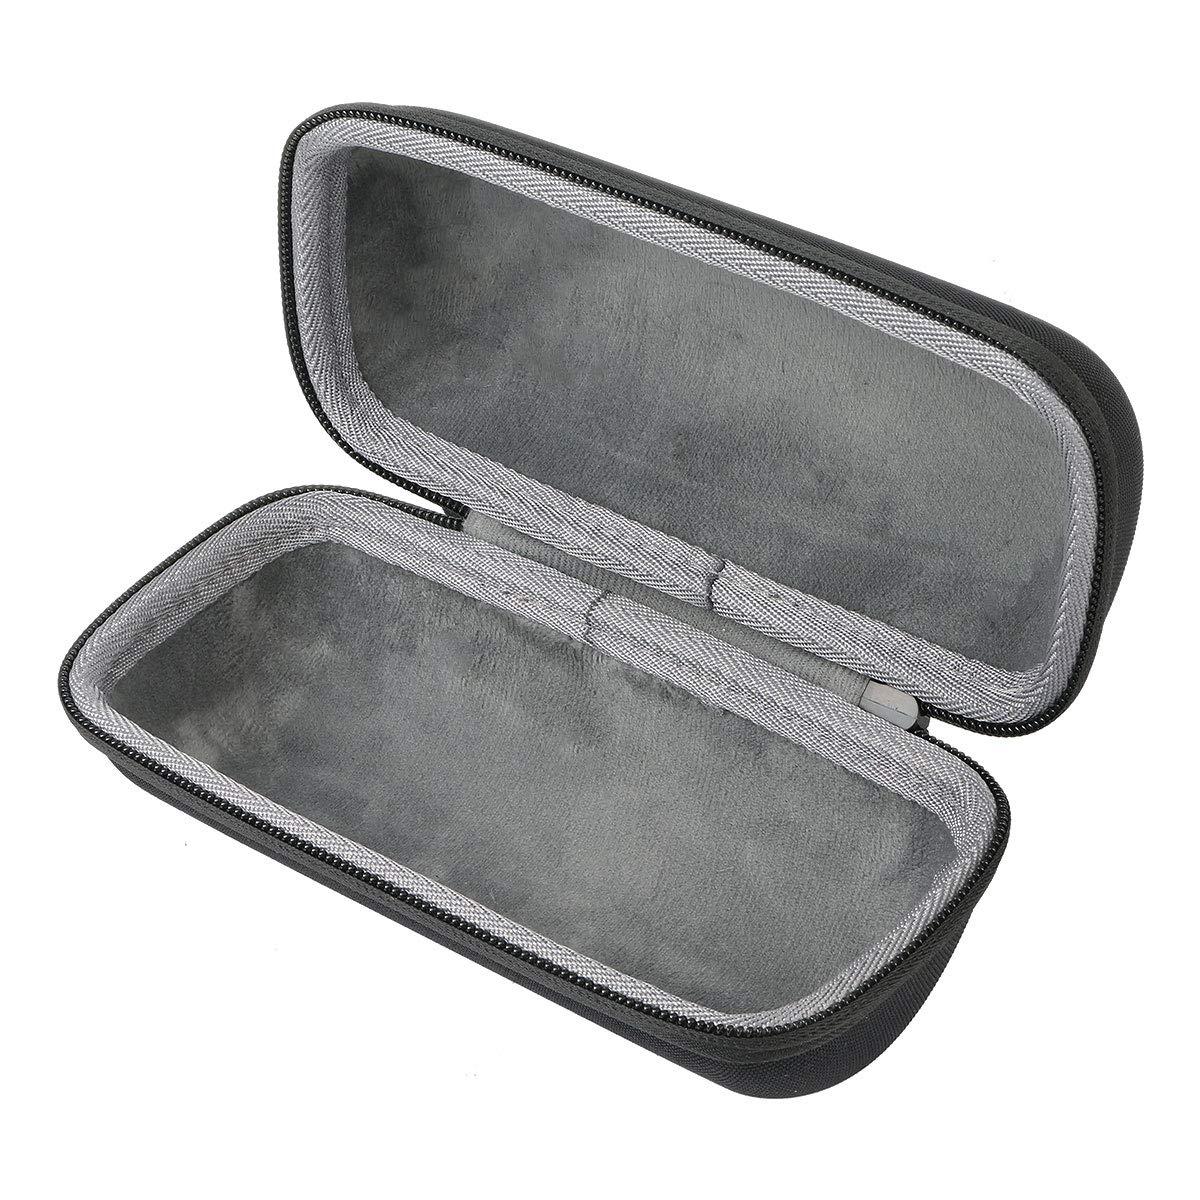 Black Case + Mint Zipper co2crea Hard Travel Case for COMISO Waterproof Bluetooth Speakers Outdoor Wireless Portable Speaker